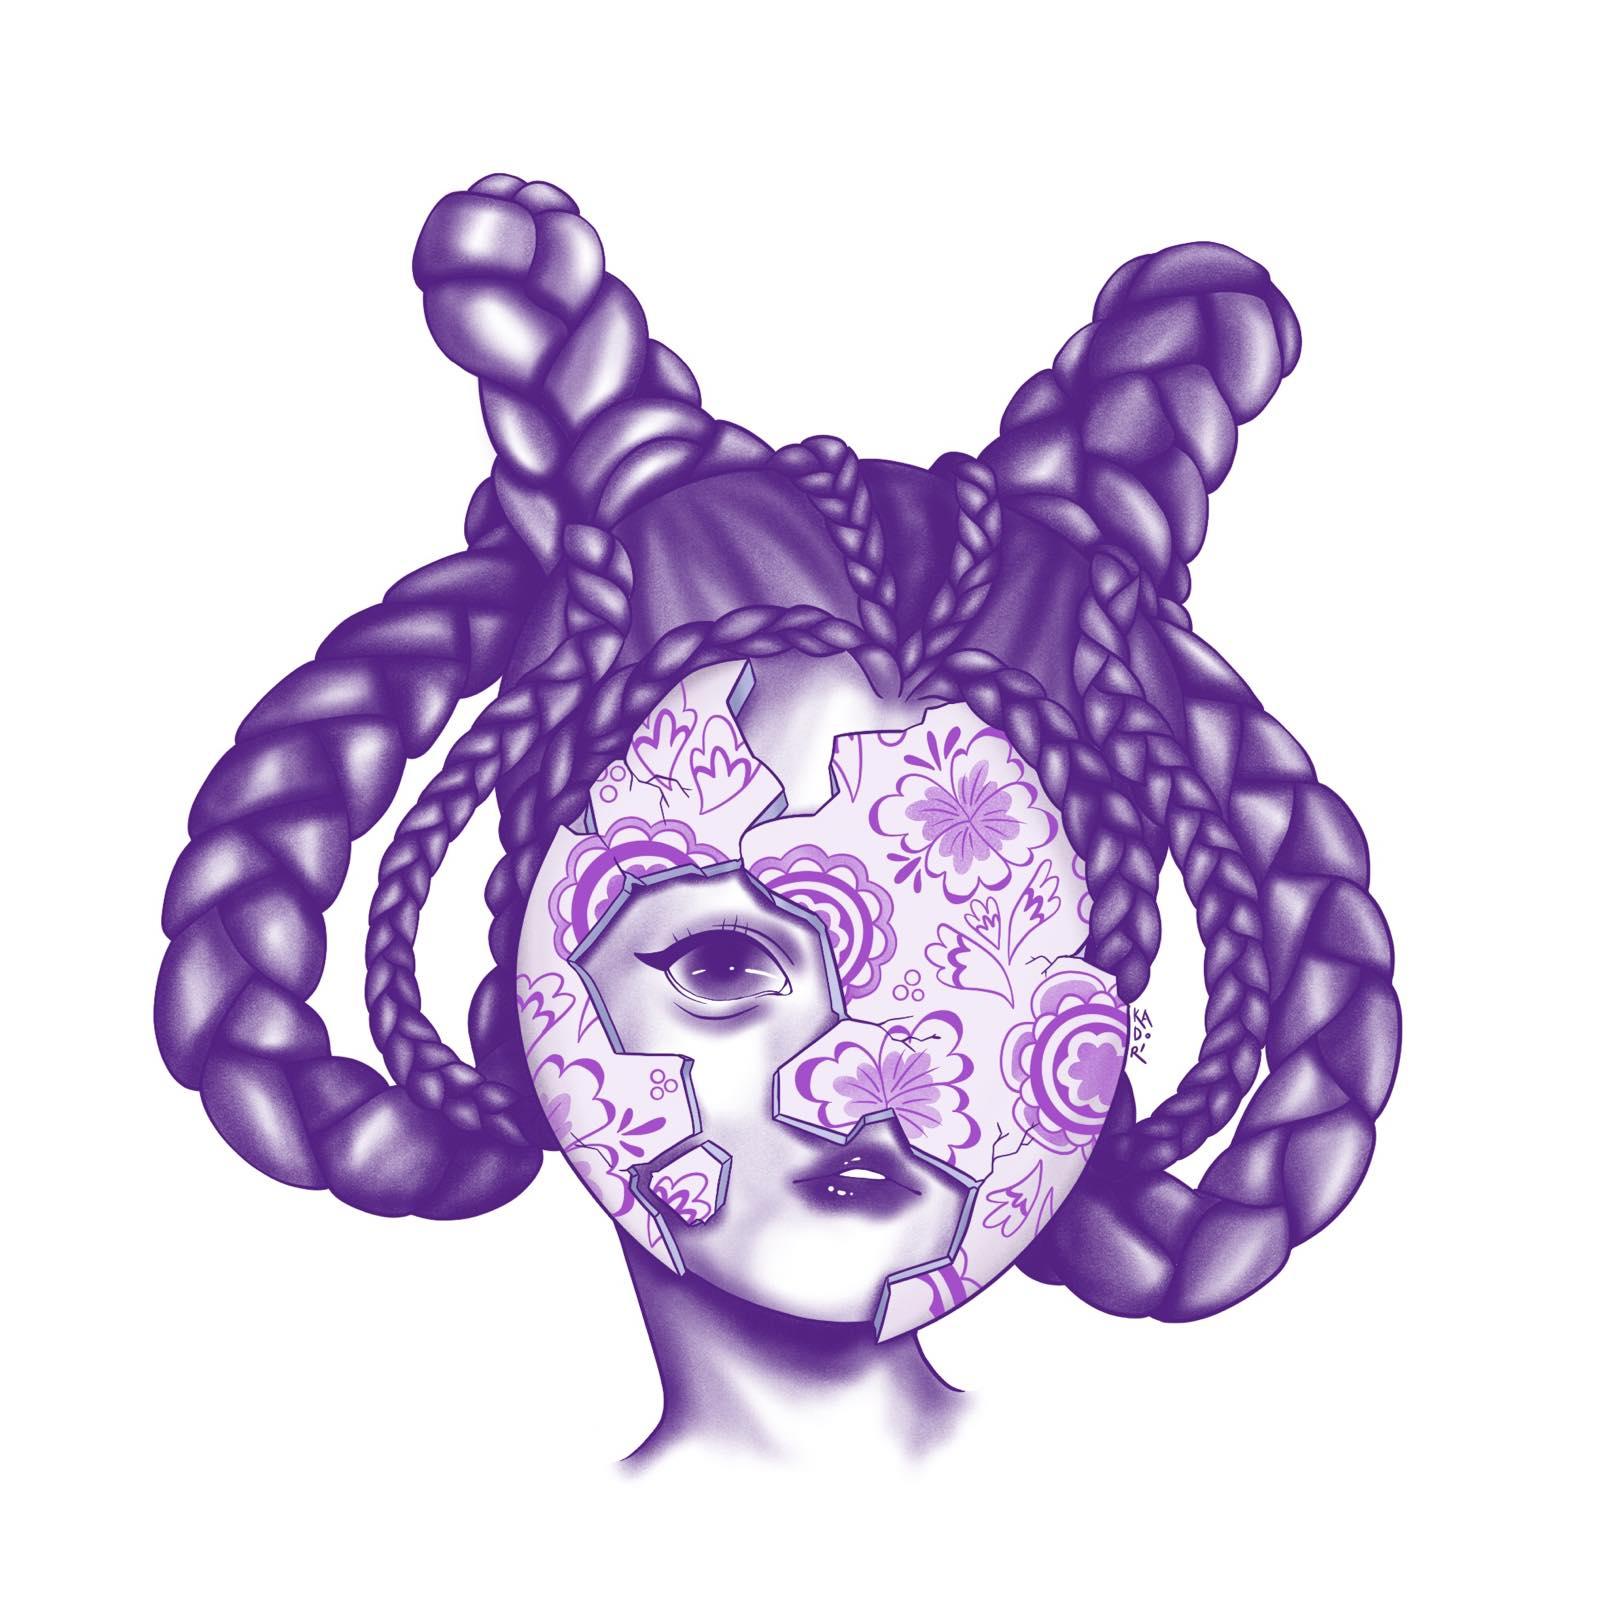 Purple porcelain